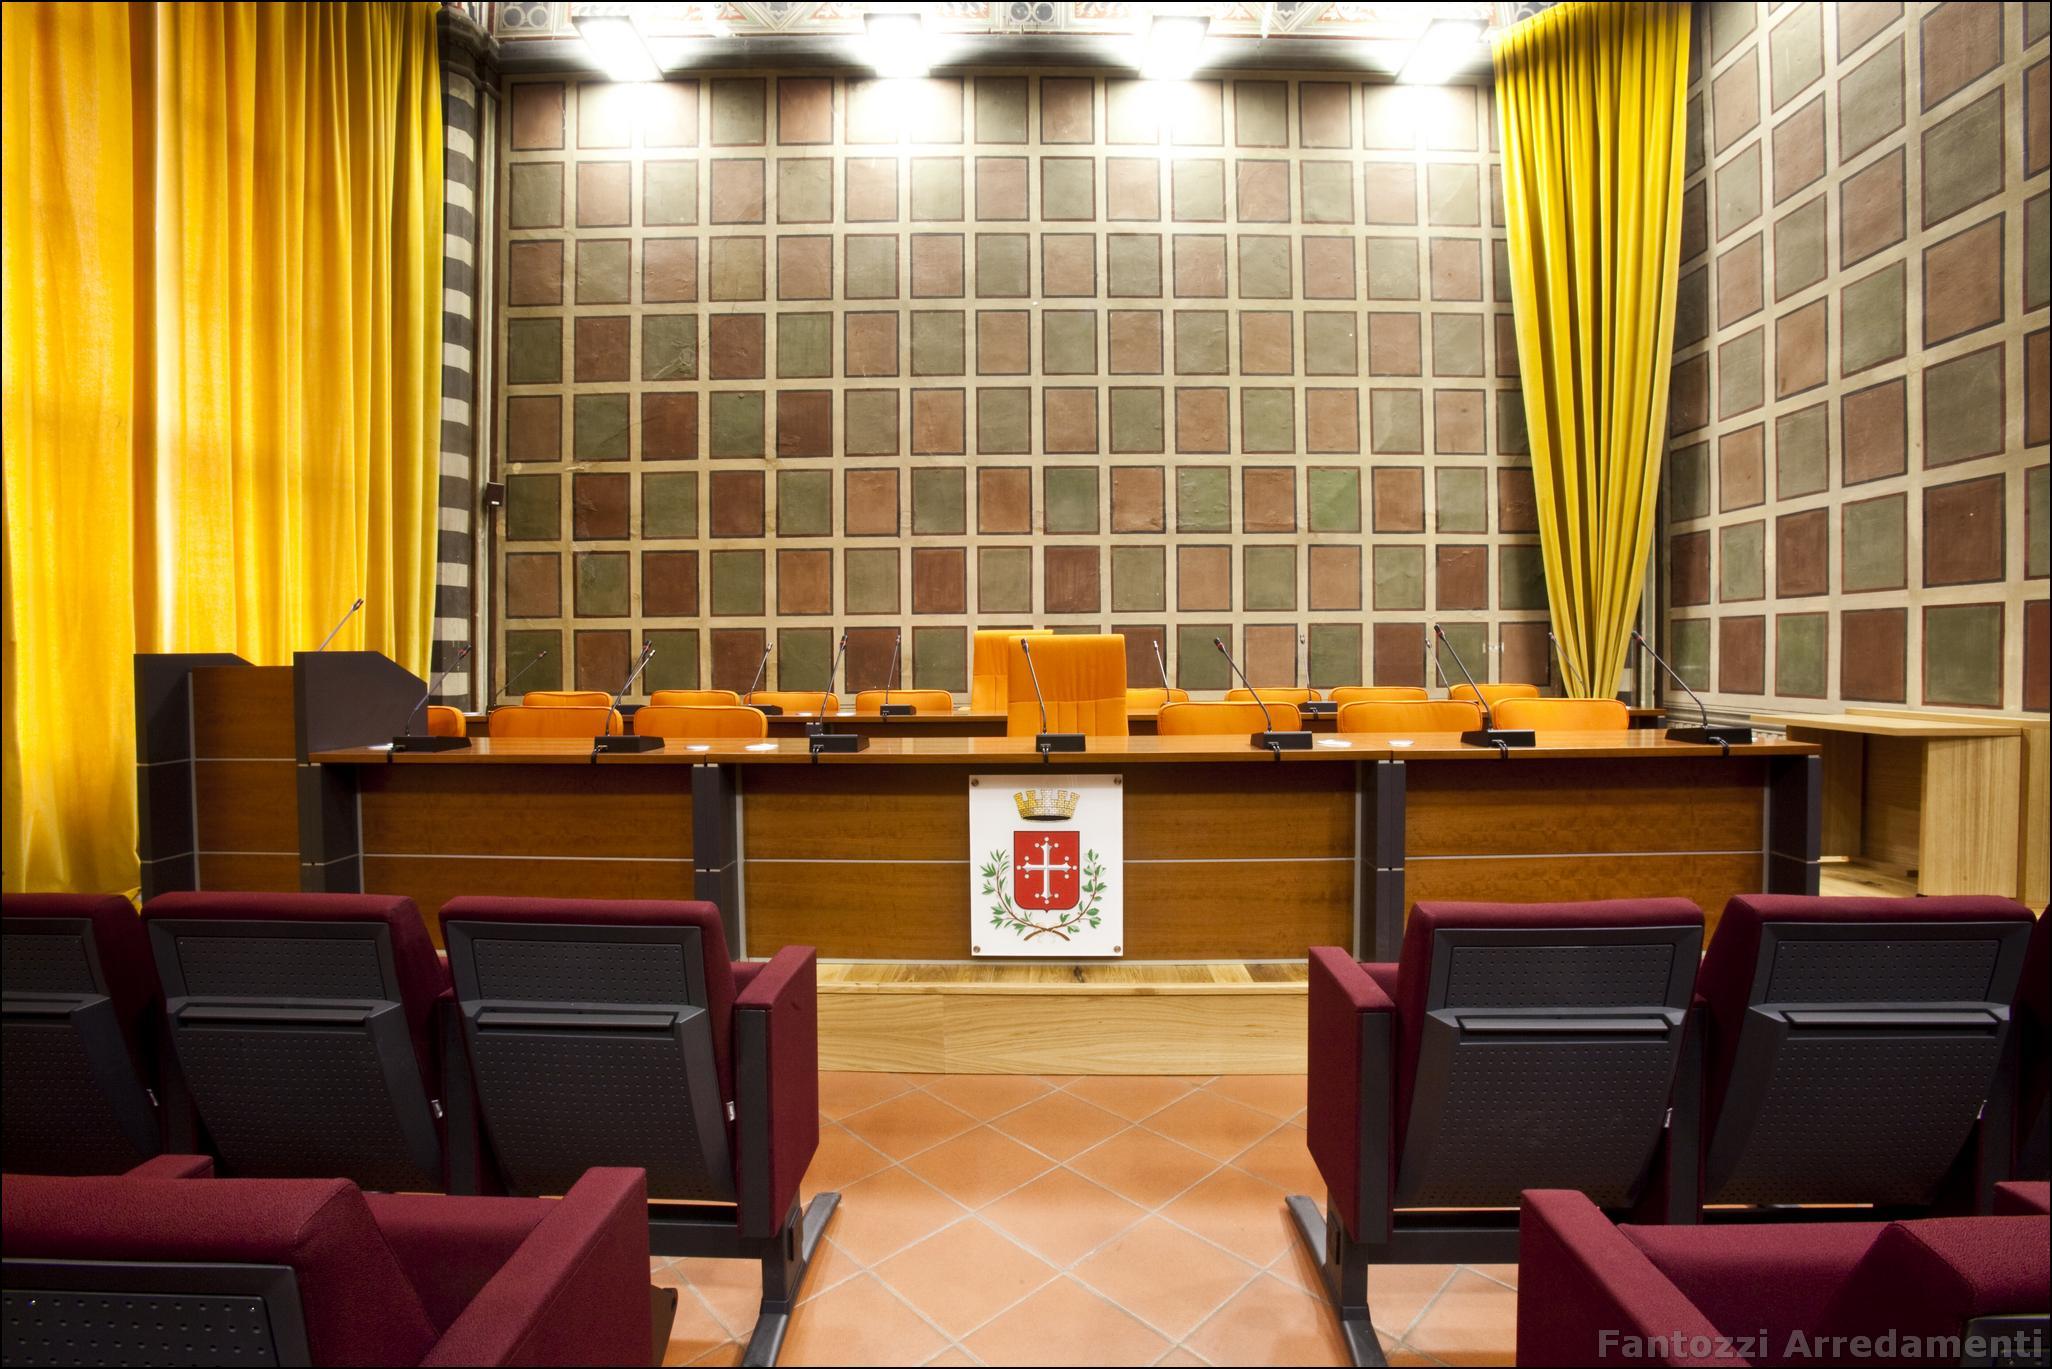 Arredamento Ufficio Pisa : Fantozzi arredamenti u arredamento casa e mobili per ufficio